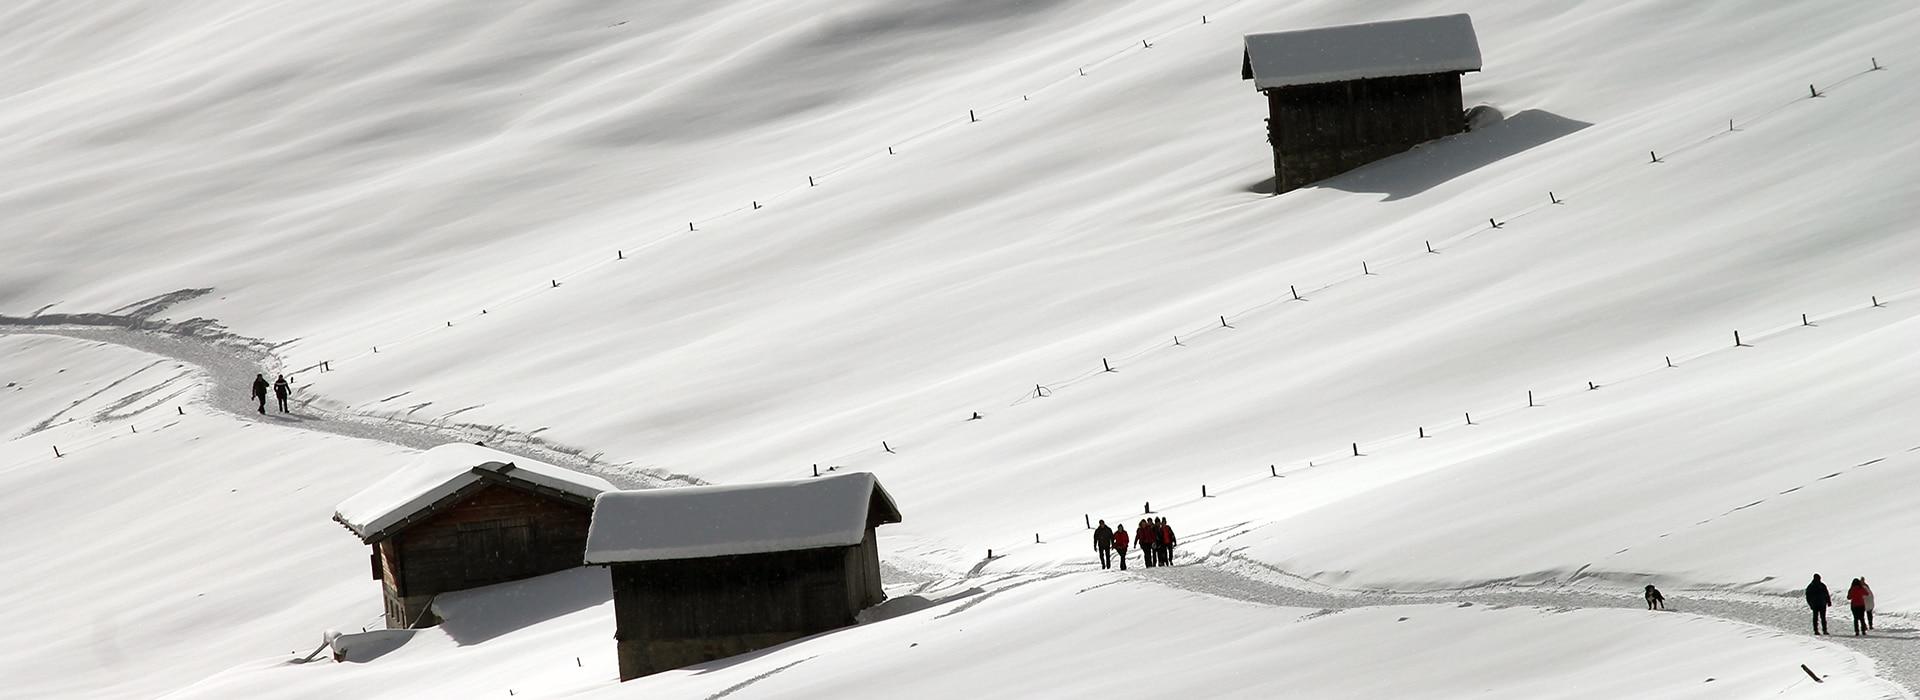 Altfasstal bei Meransen - Winterwandern - schönsten Almen Südtirols